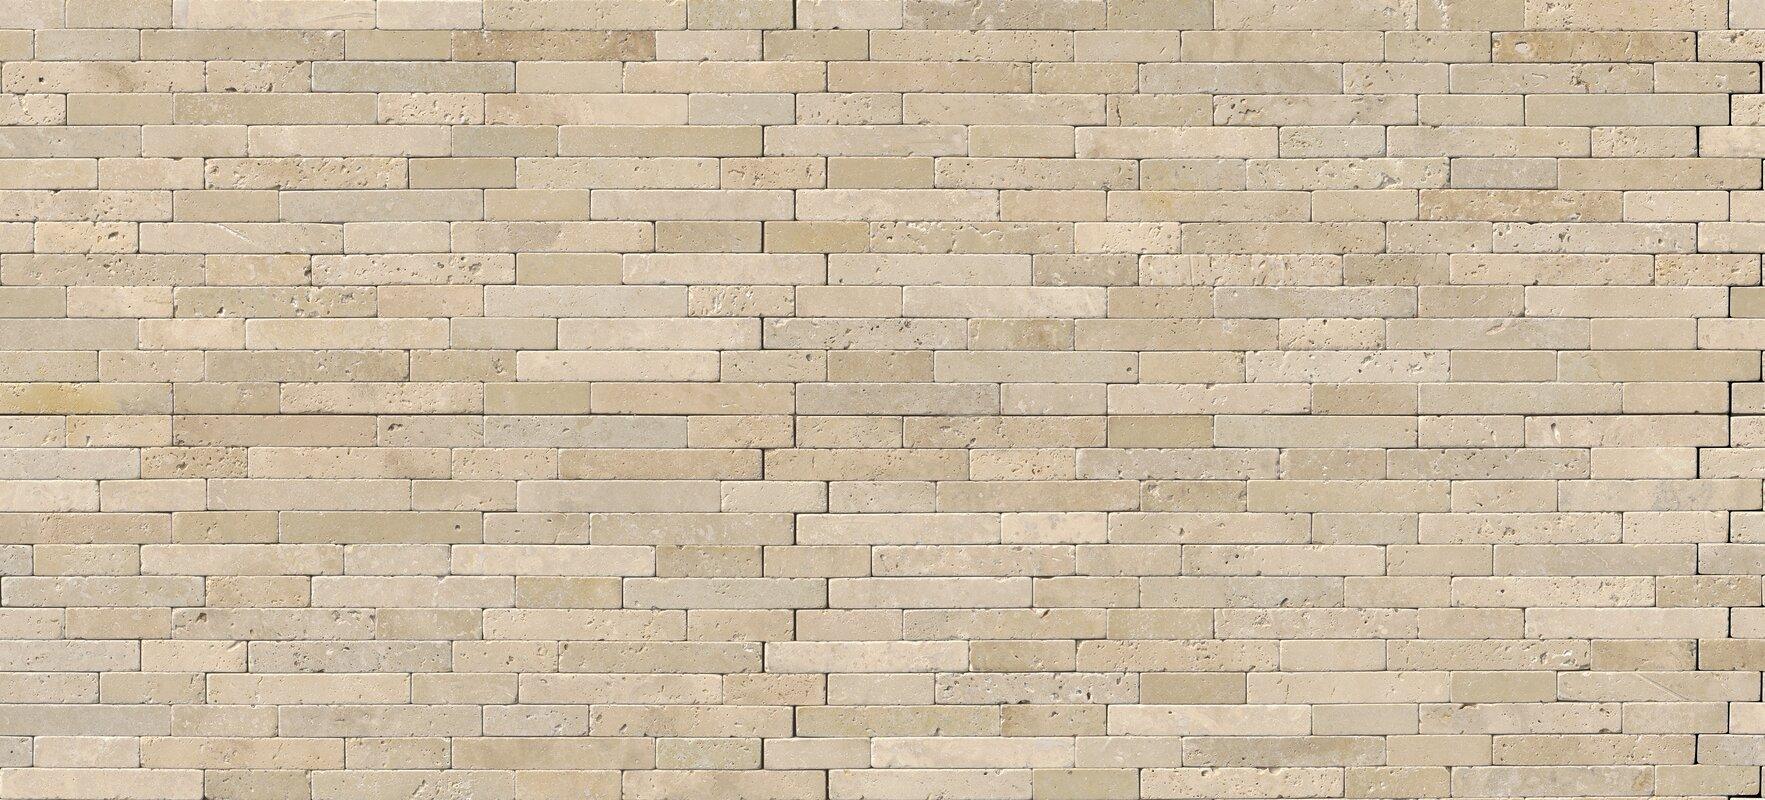 Msi chiaro tumbled veneer travertine staggered tile in beige chiaro tumbled veneer travertine staggered tile in beige dailygadgetfo Images